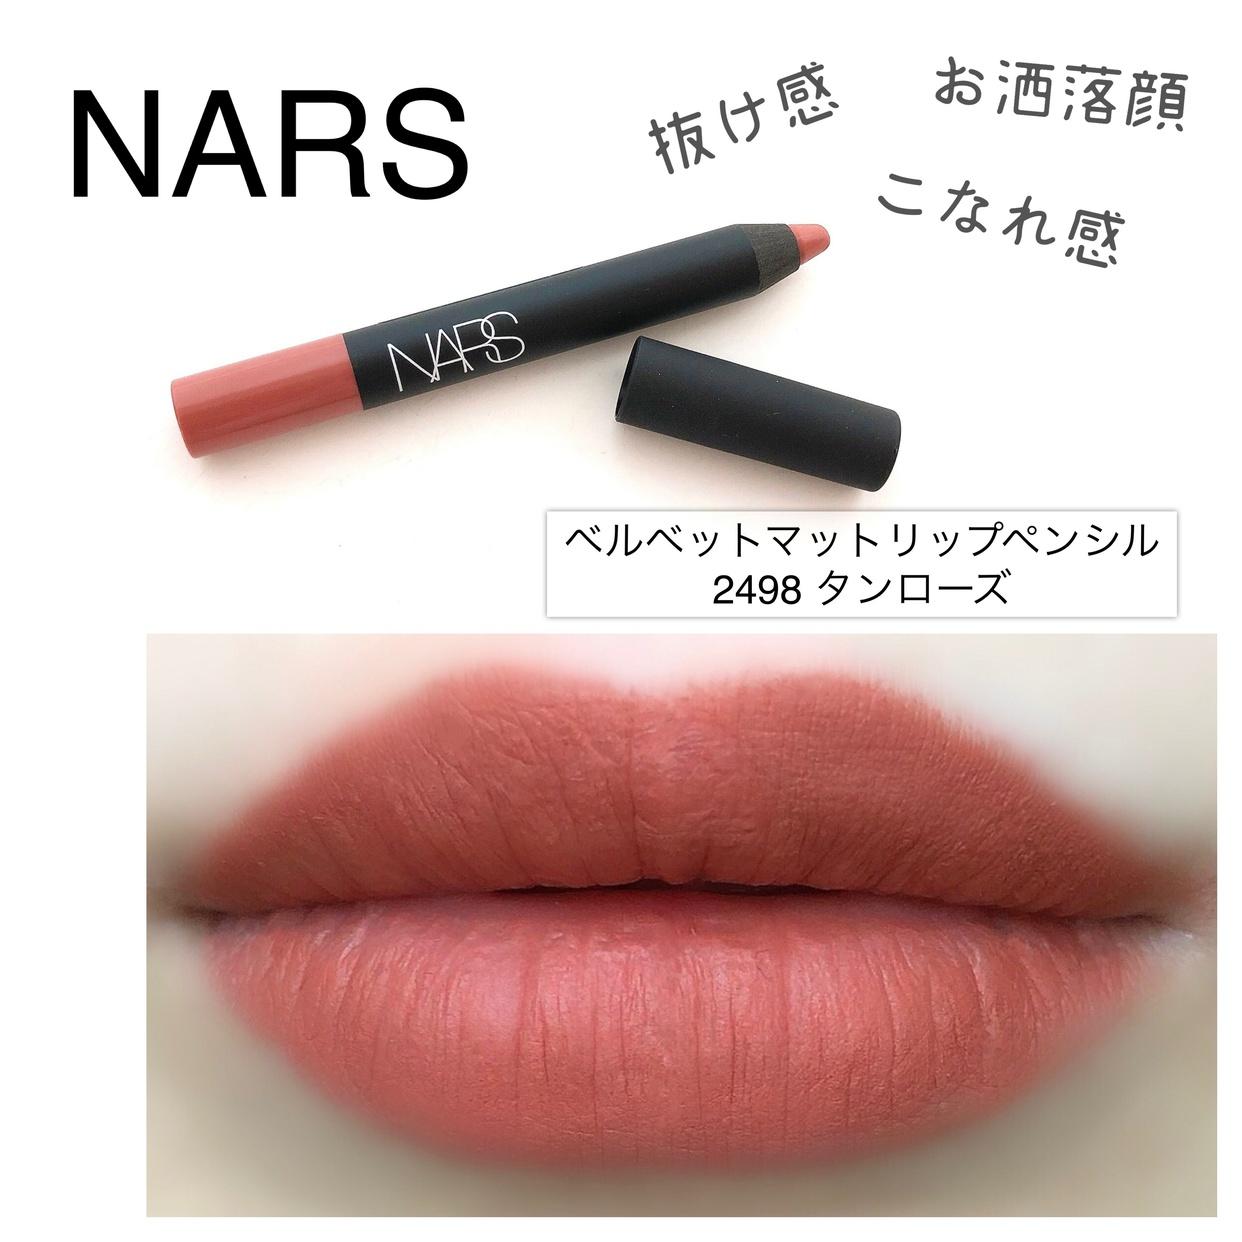 NARS(ナーズ) ベルベットマットリップペンシルを使ったRukapiさんのクチコミ画像1